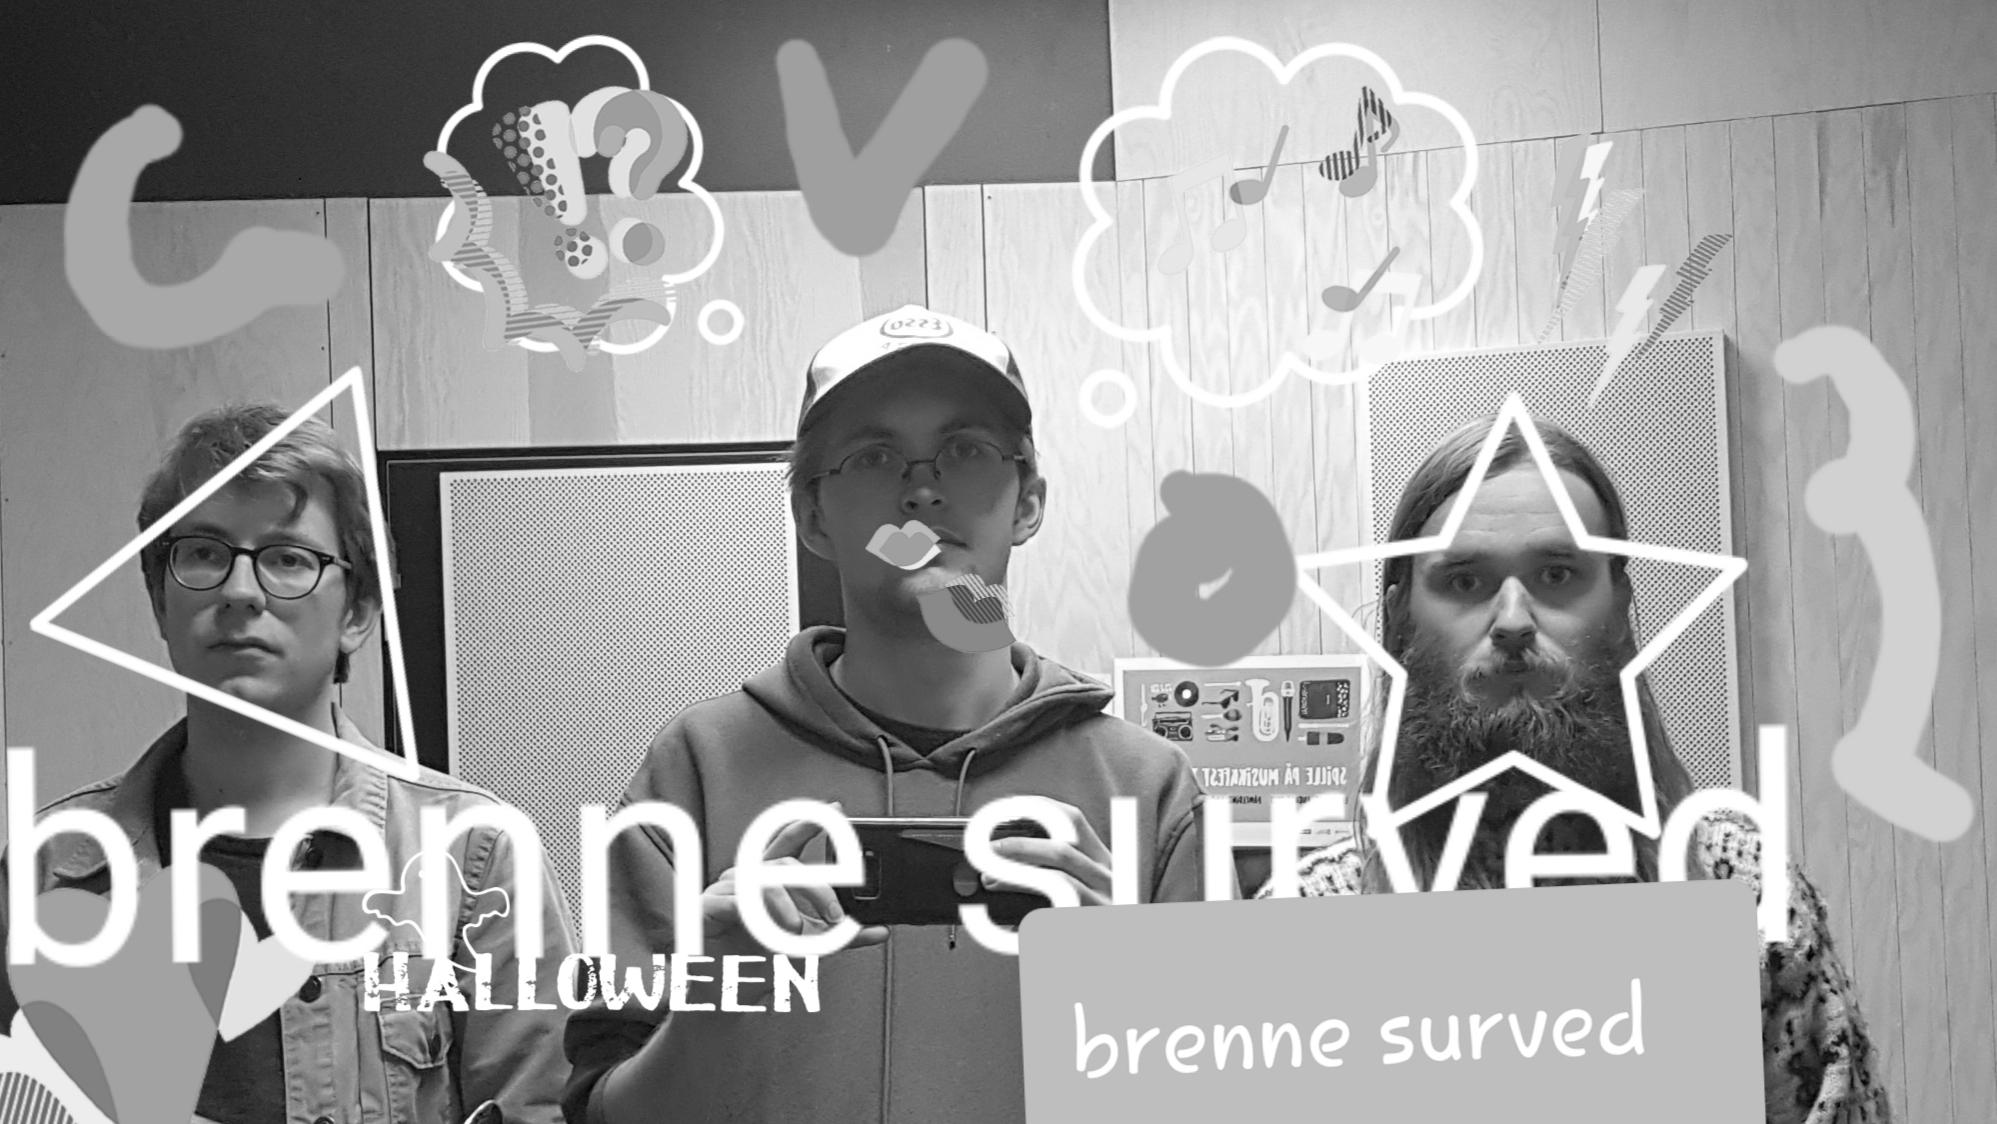 Brenne surved